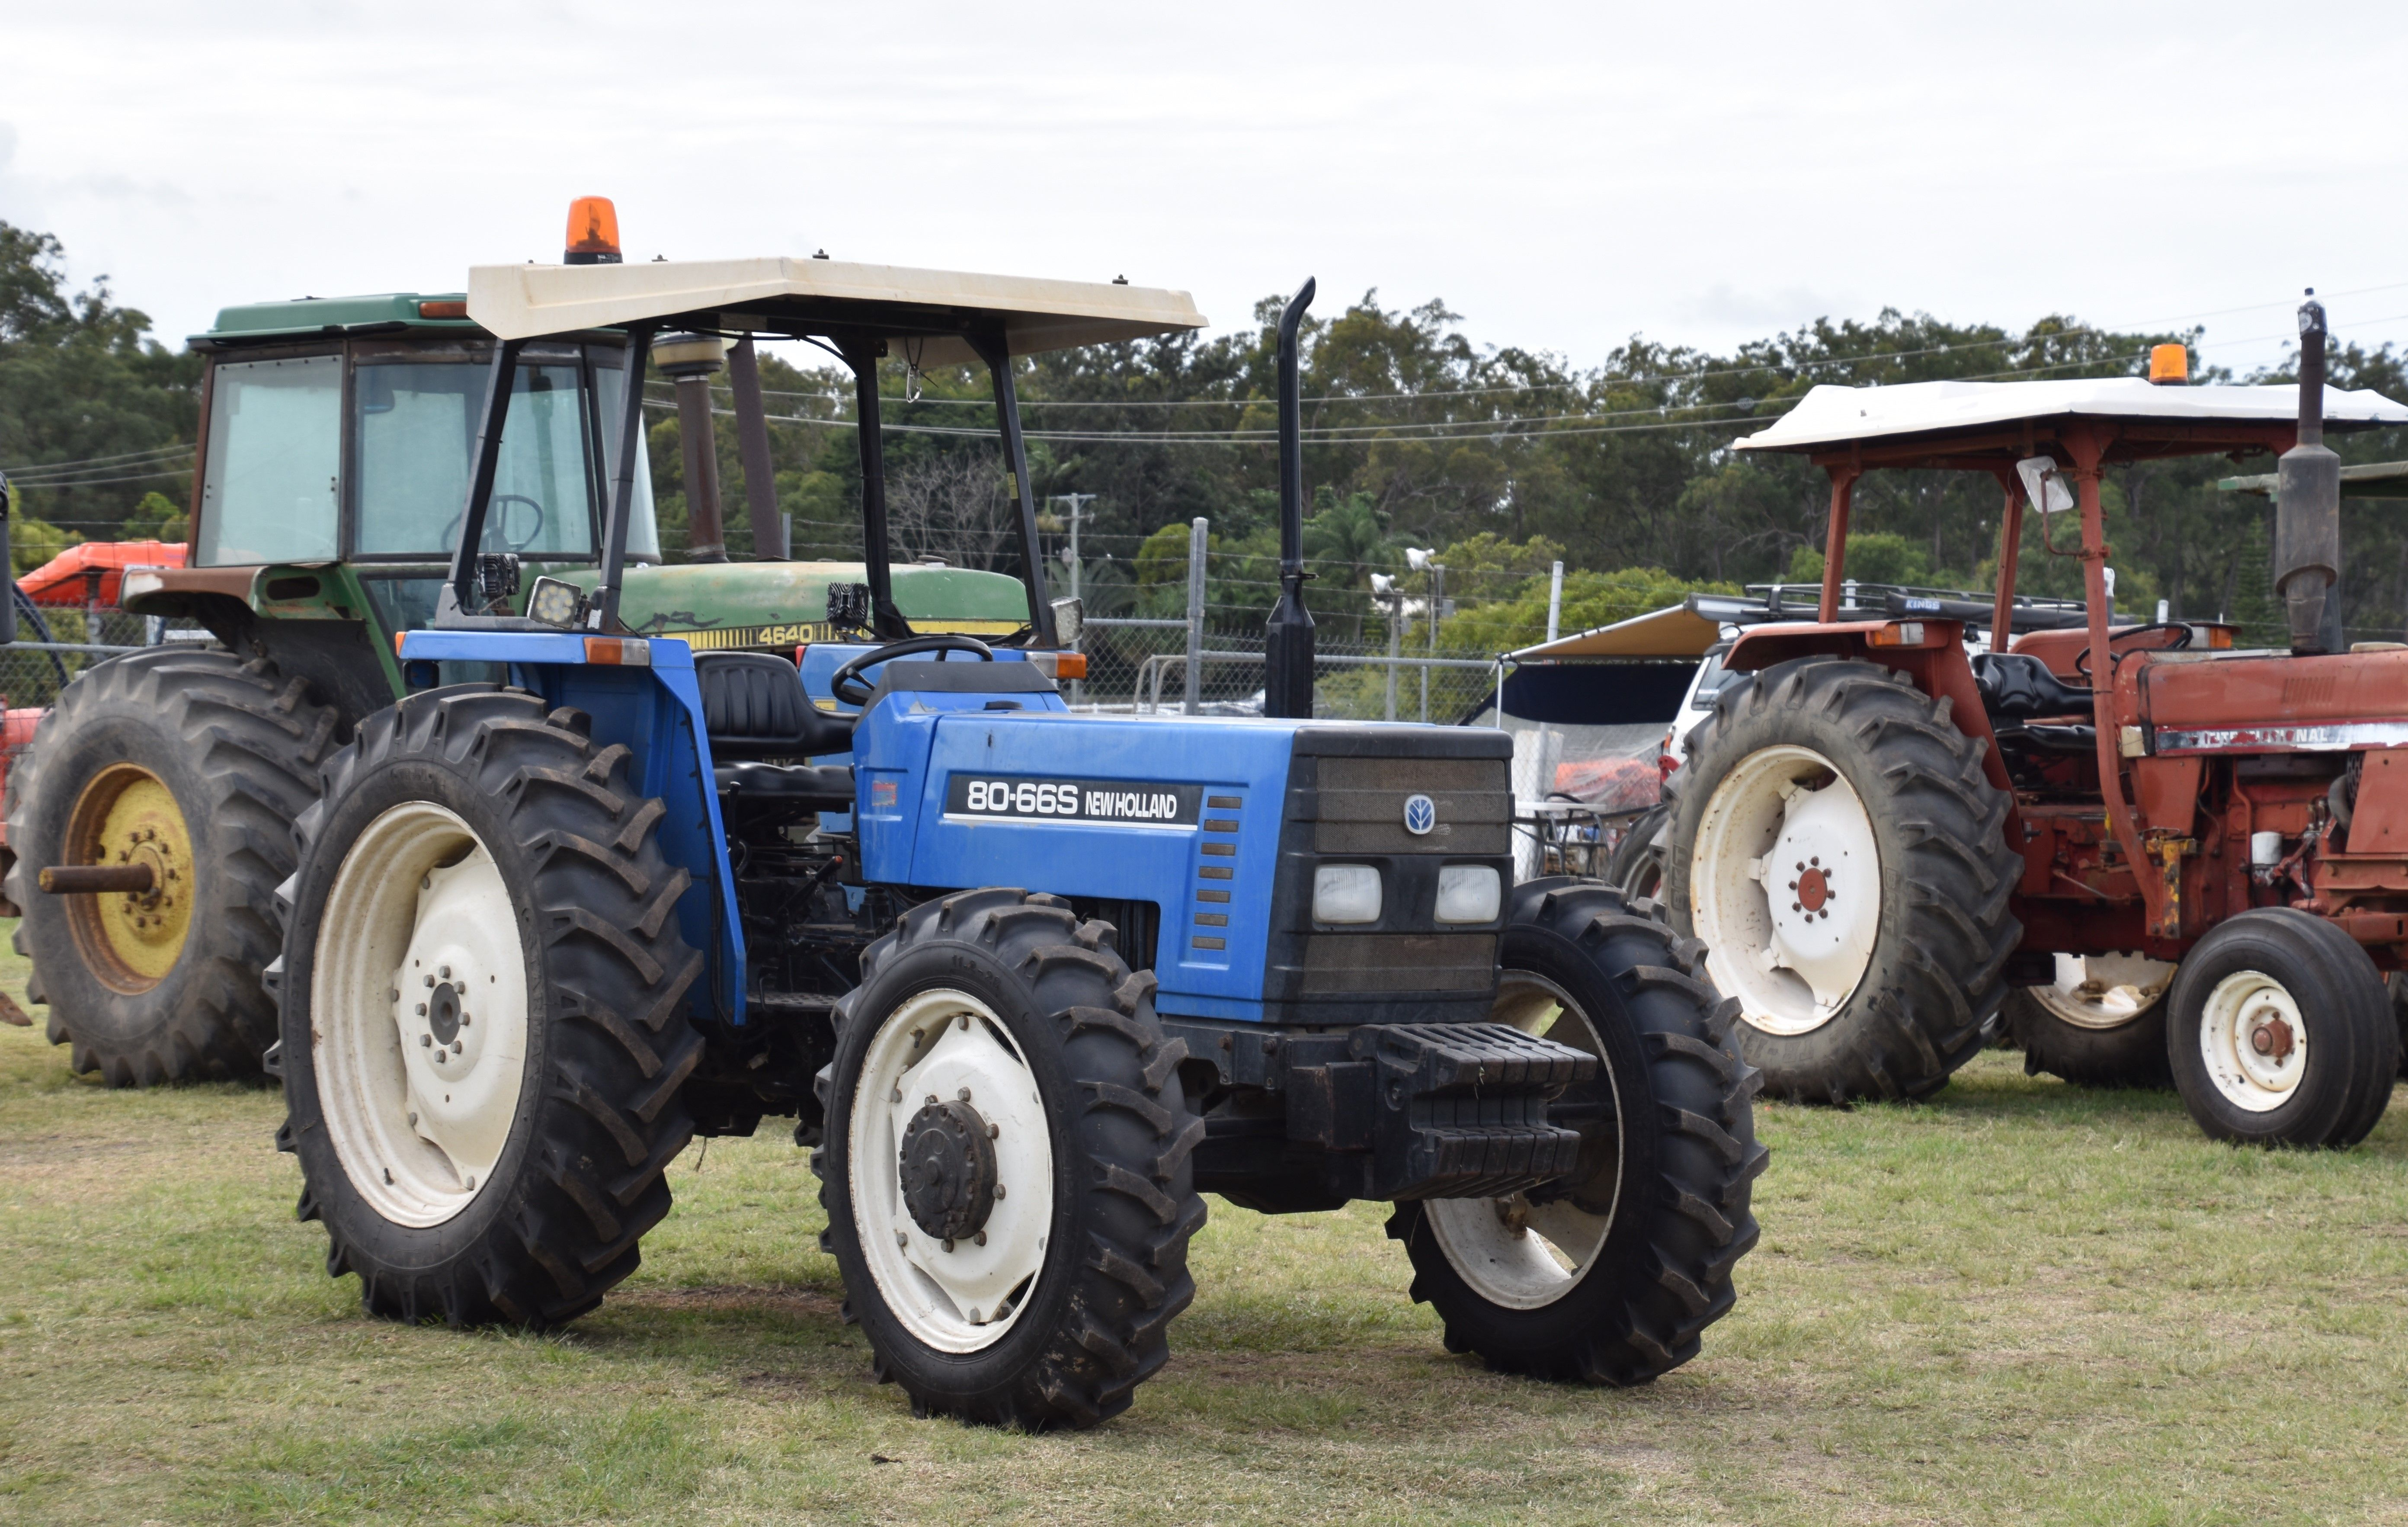 New Holland 8066 Stractor Tractors Dozers Pinterest Jd 575 Skid Steer Wiring Diagram Tracteurs